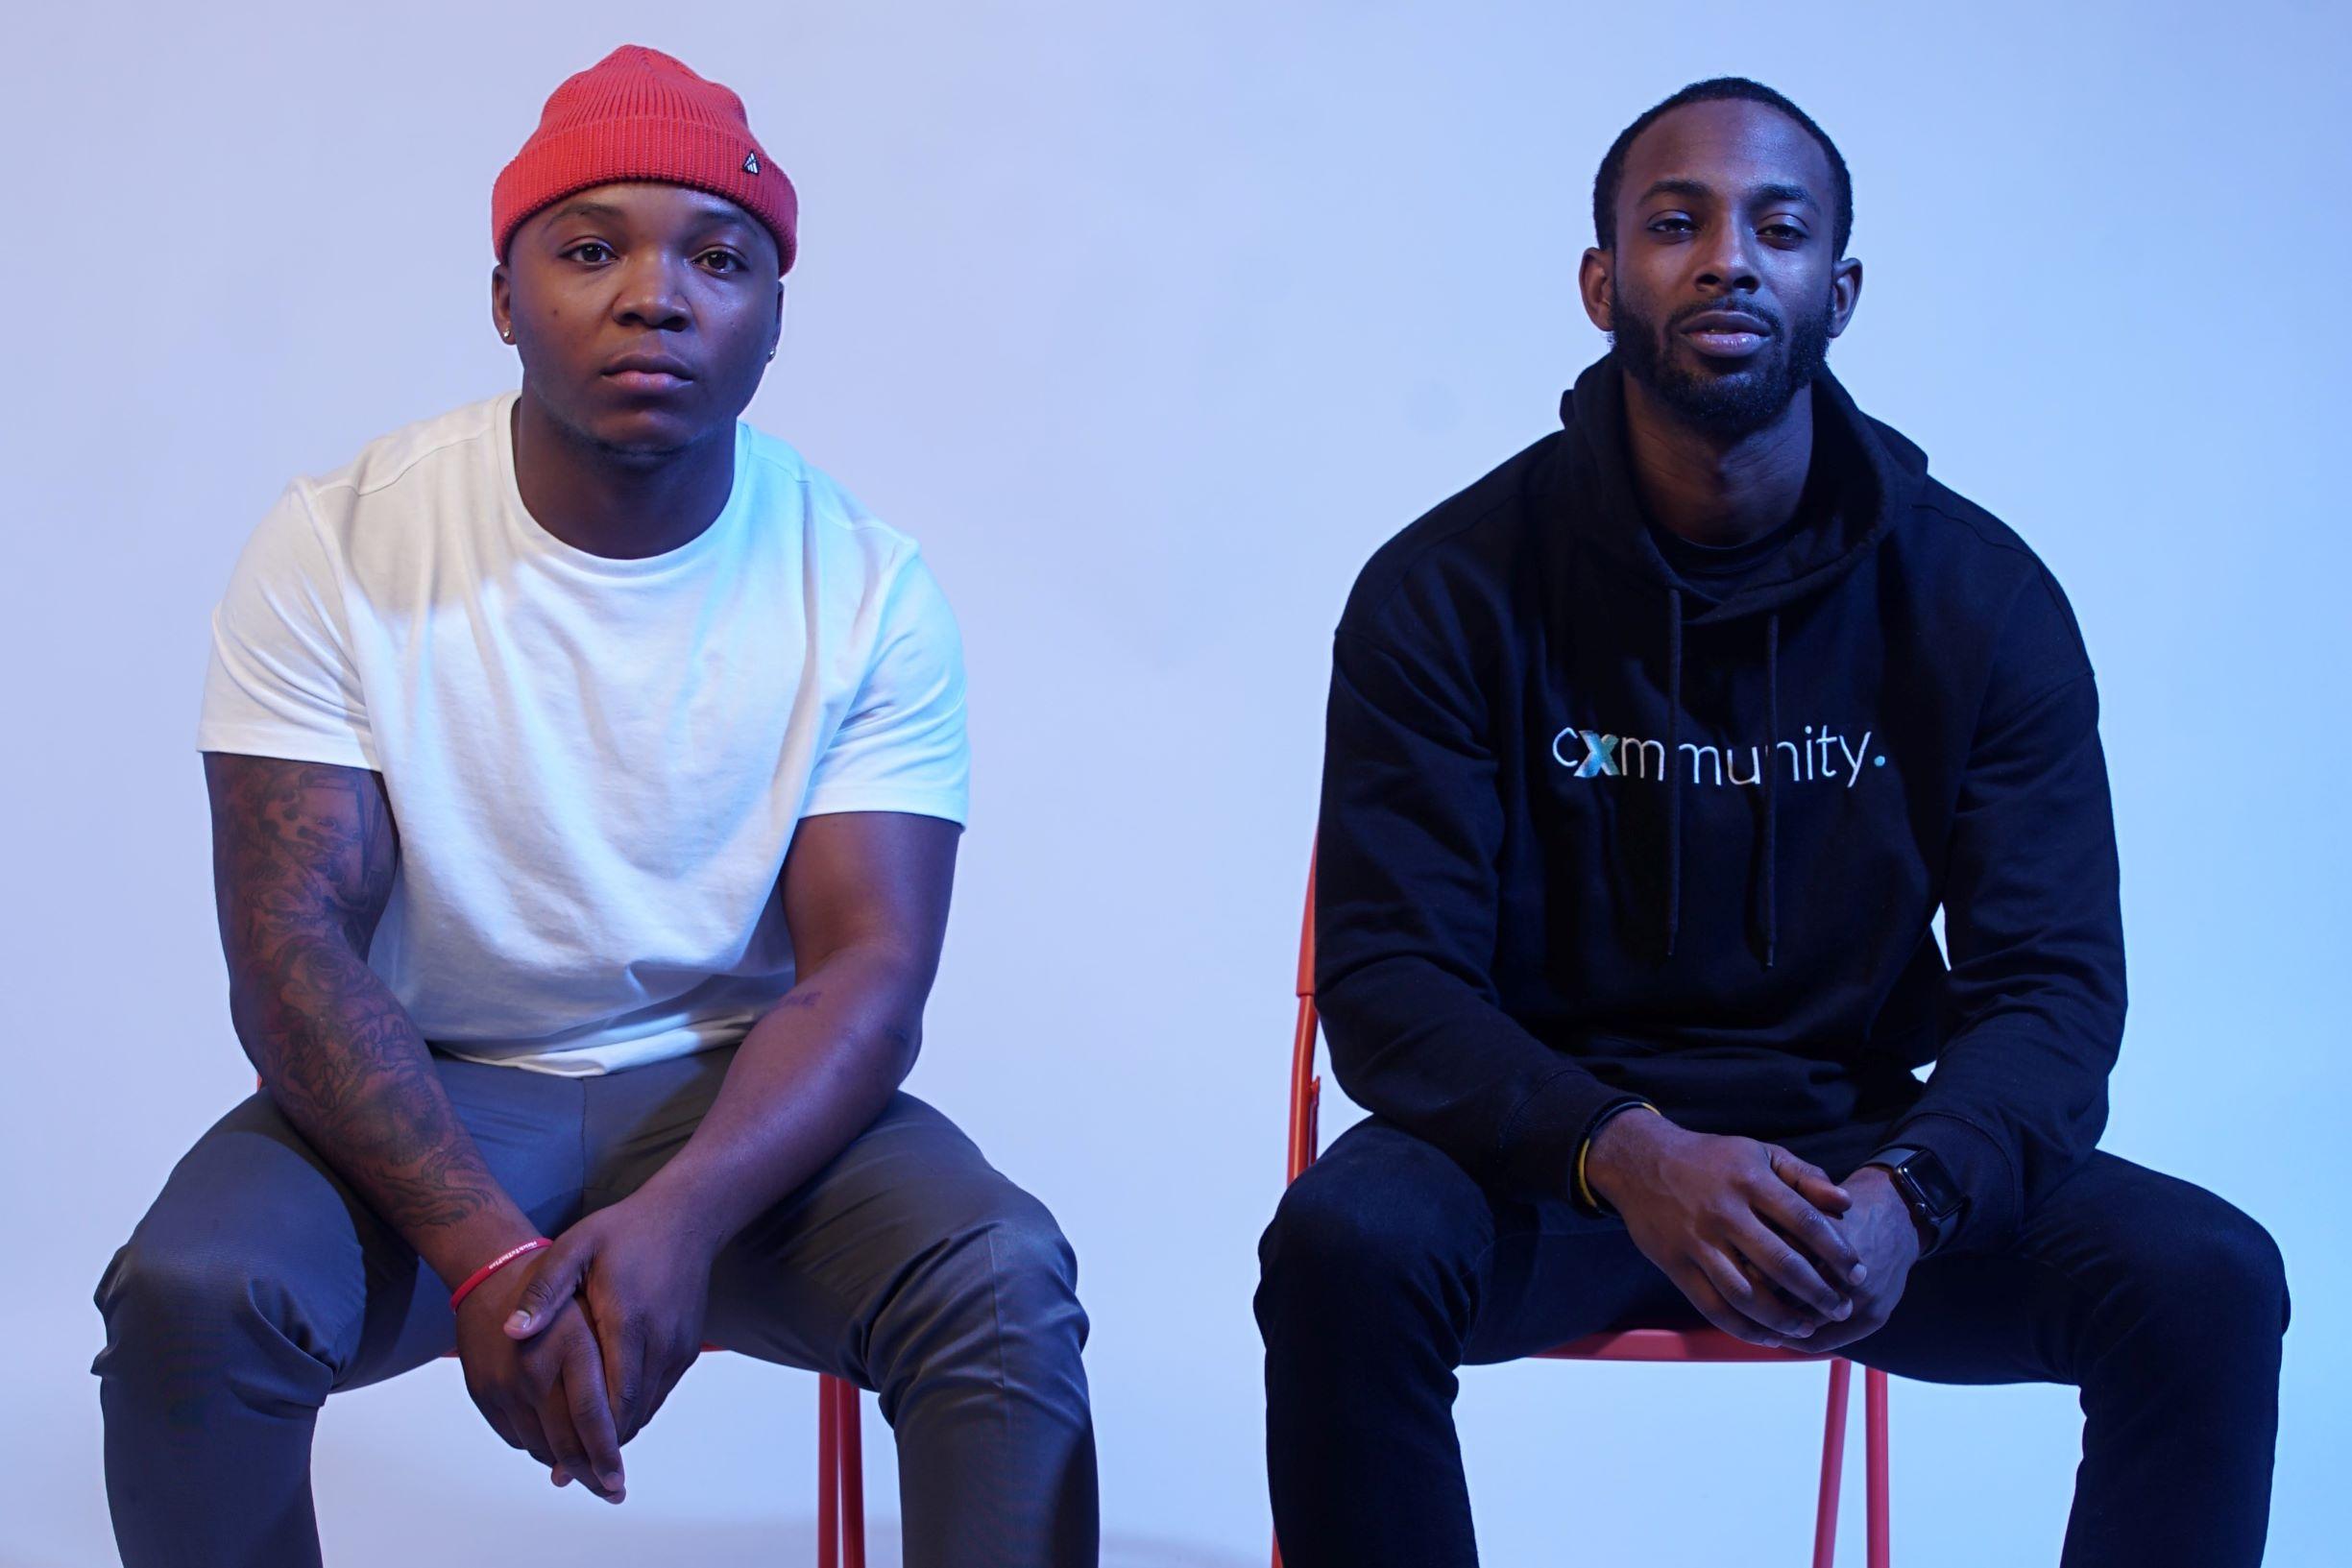 Cxmmunity-founders-Chris-Peay-Ryan-Johnson